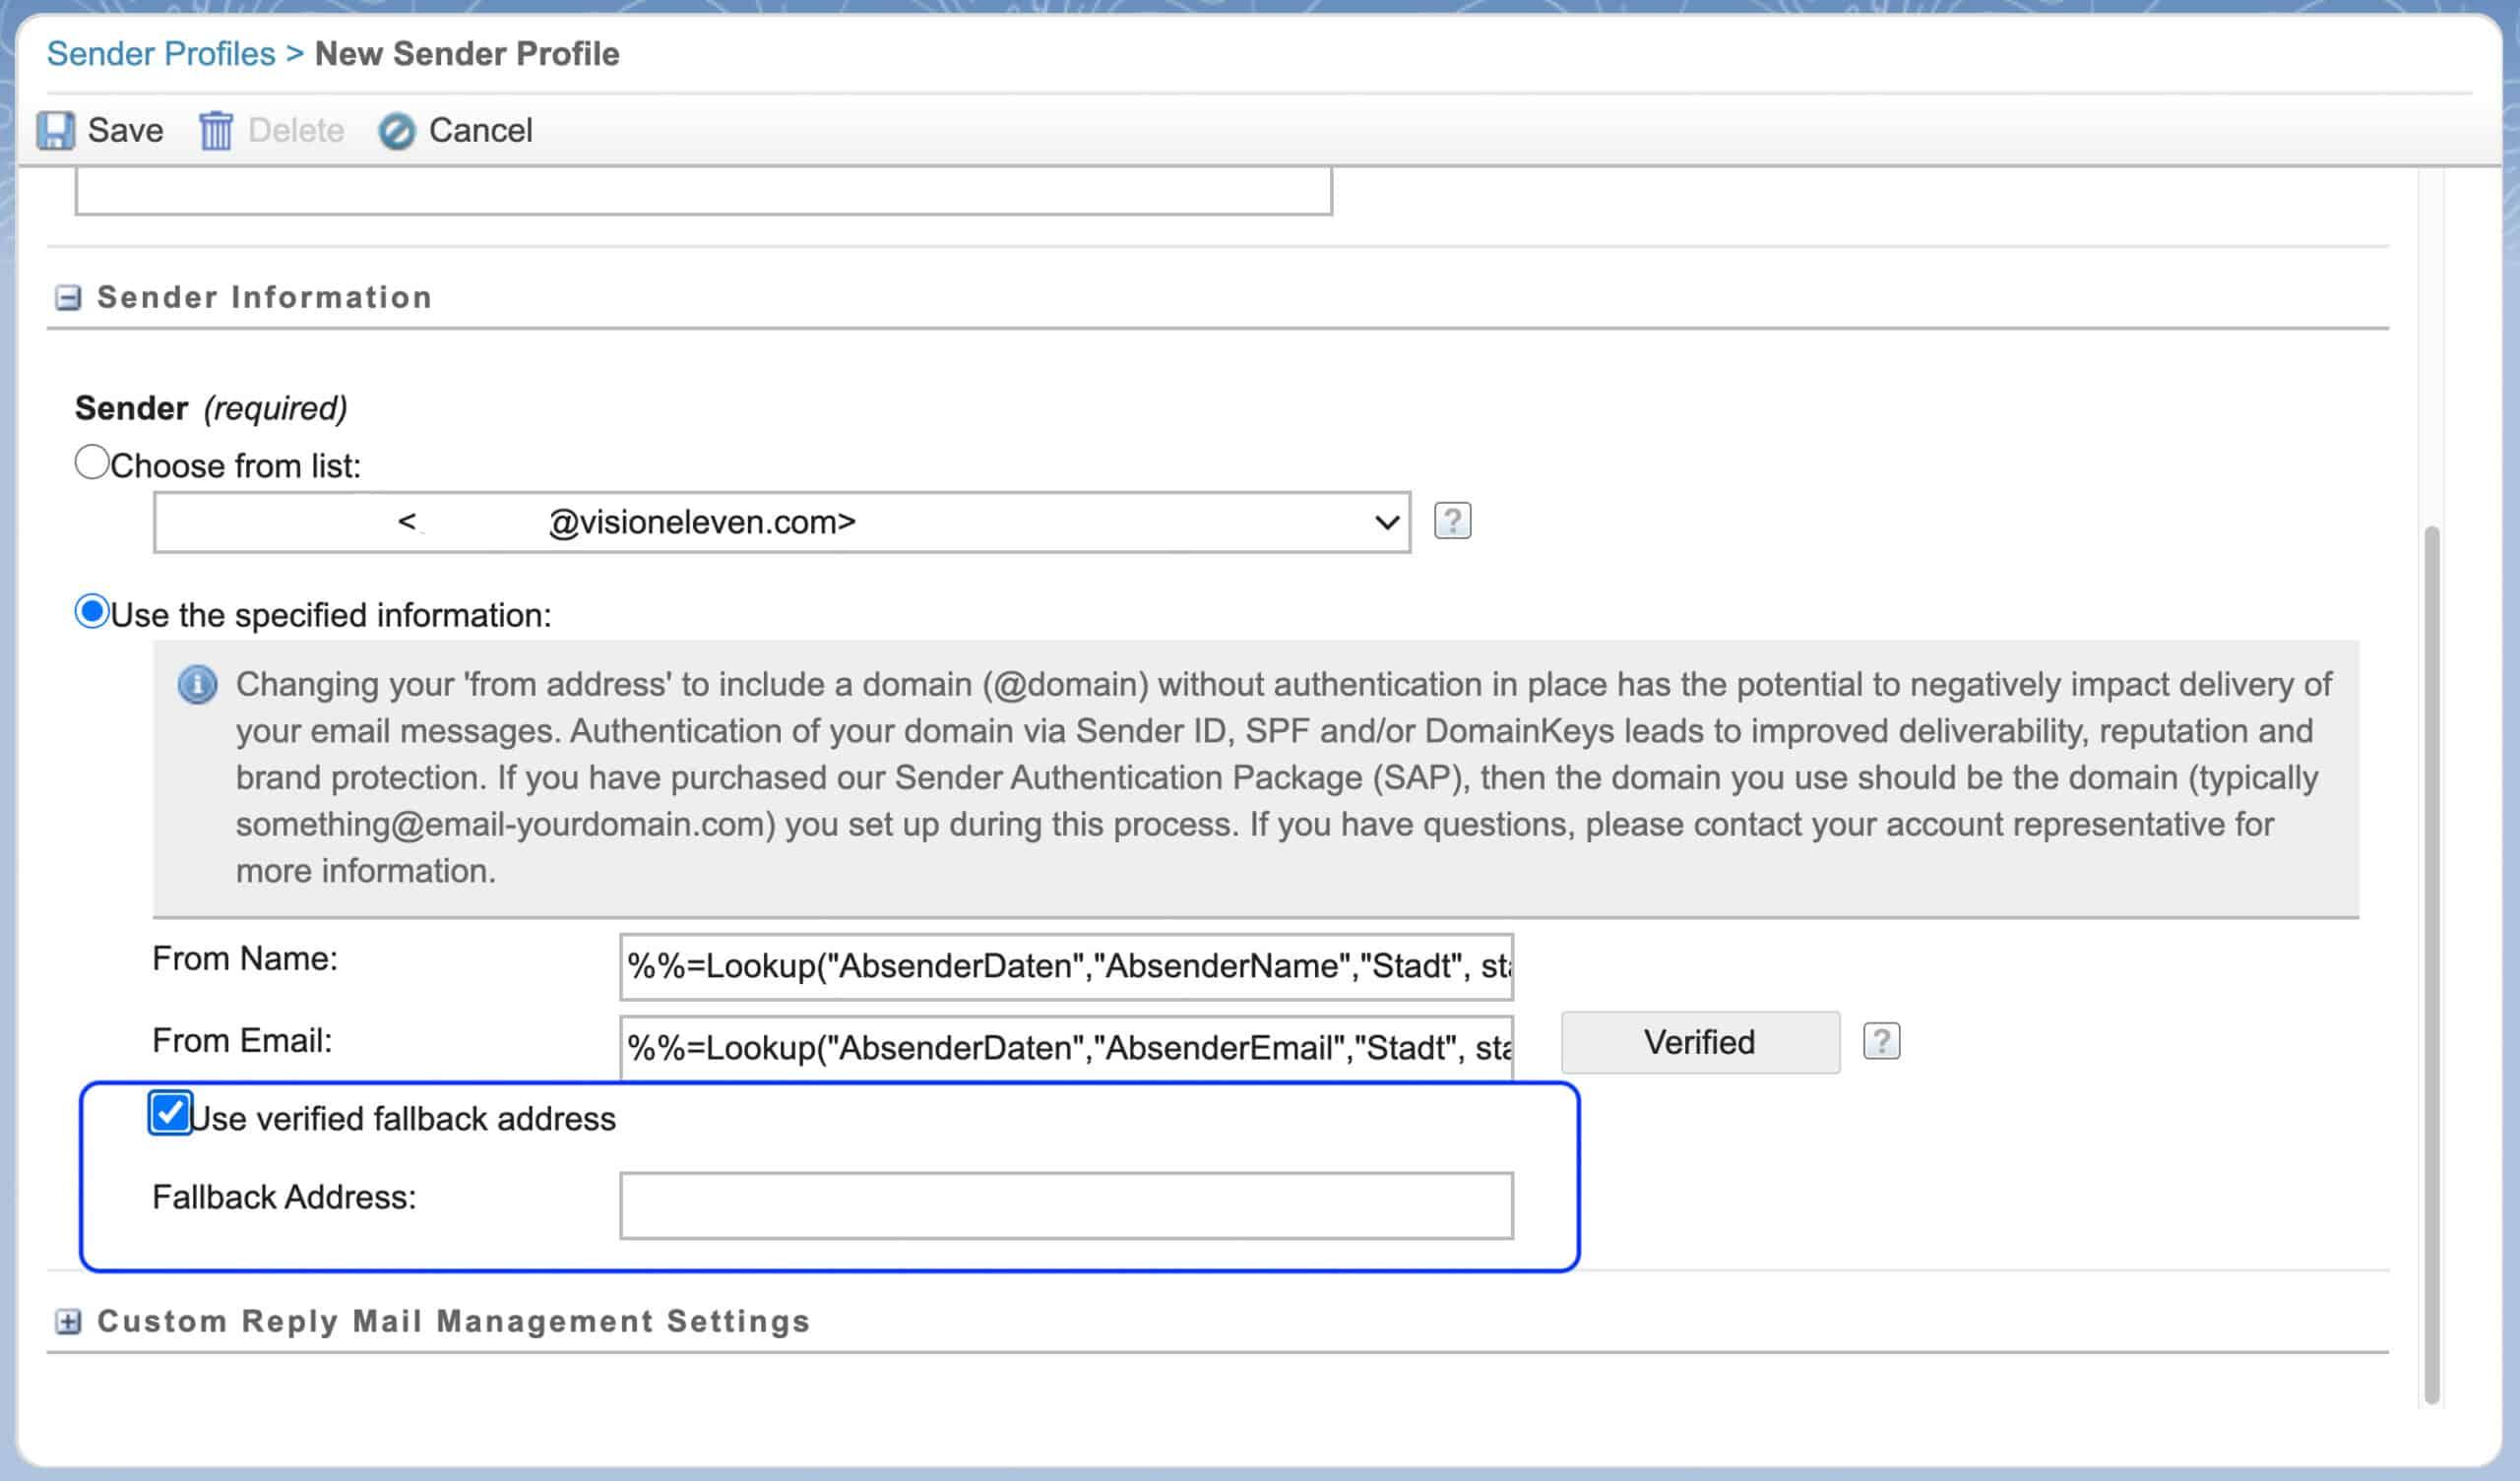 Salesforce_Senderprofile